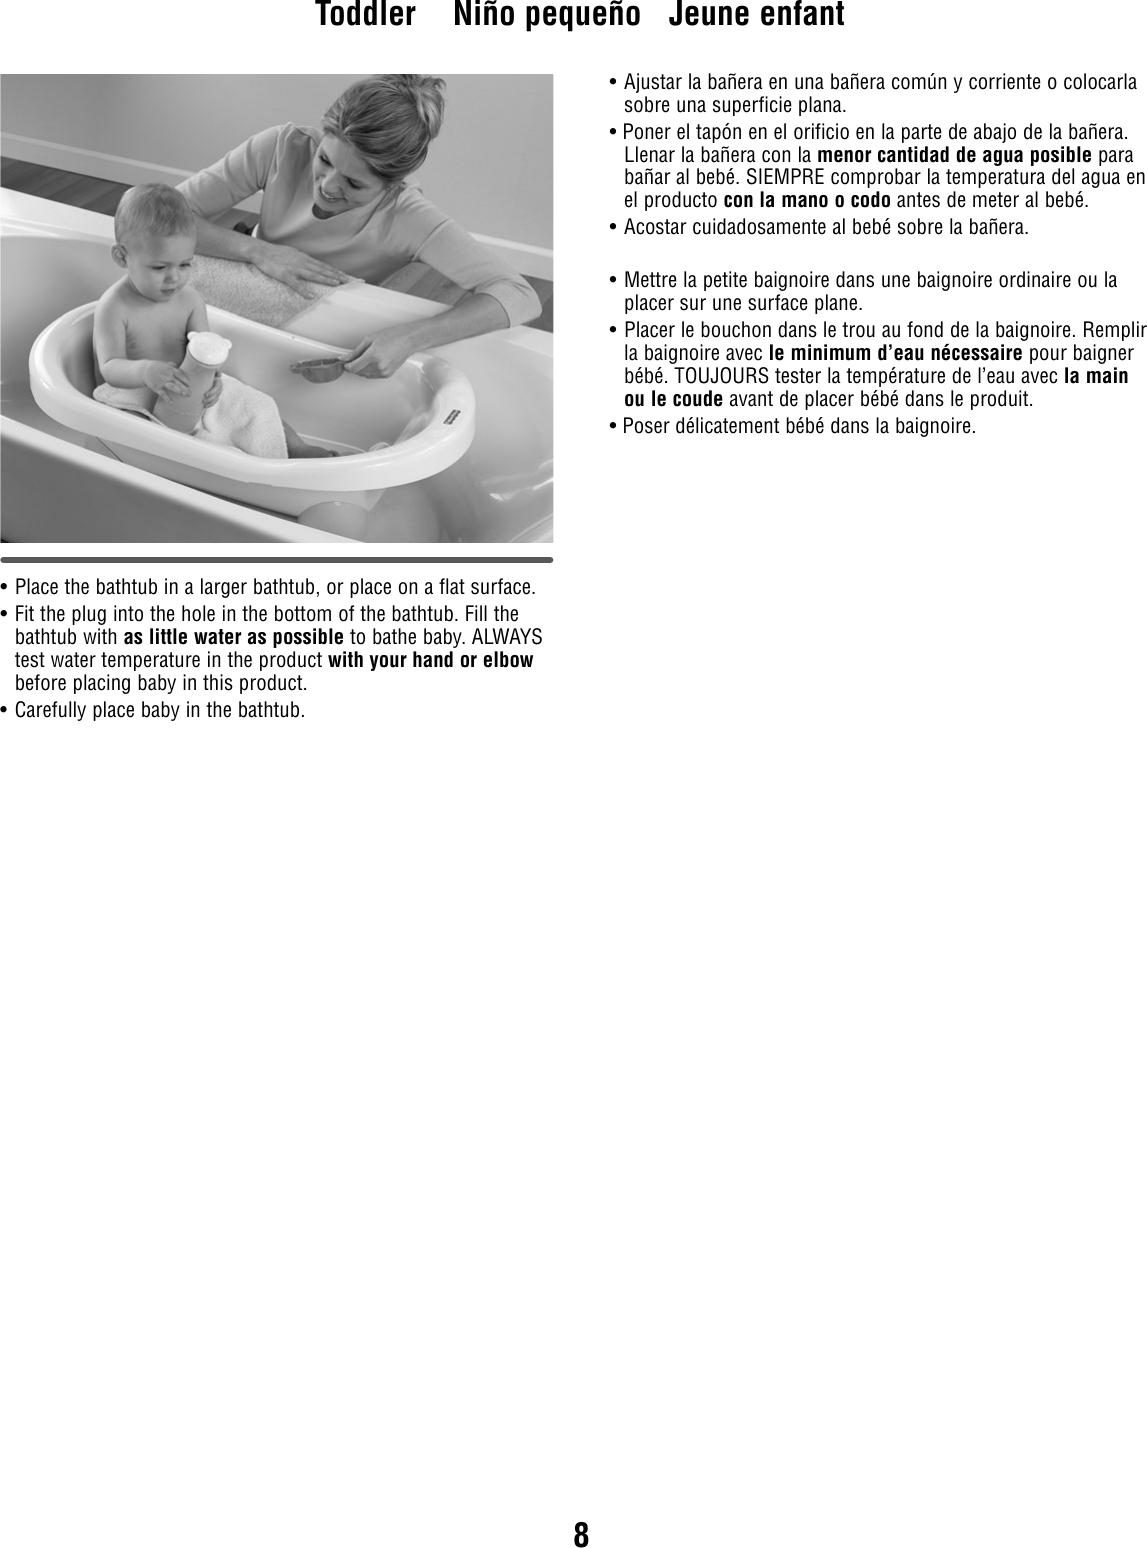 Fisher Price W5982 Instruction Sheet W5982pr 0720